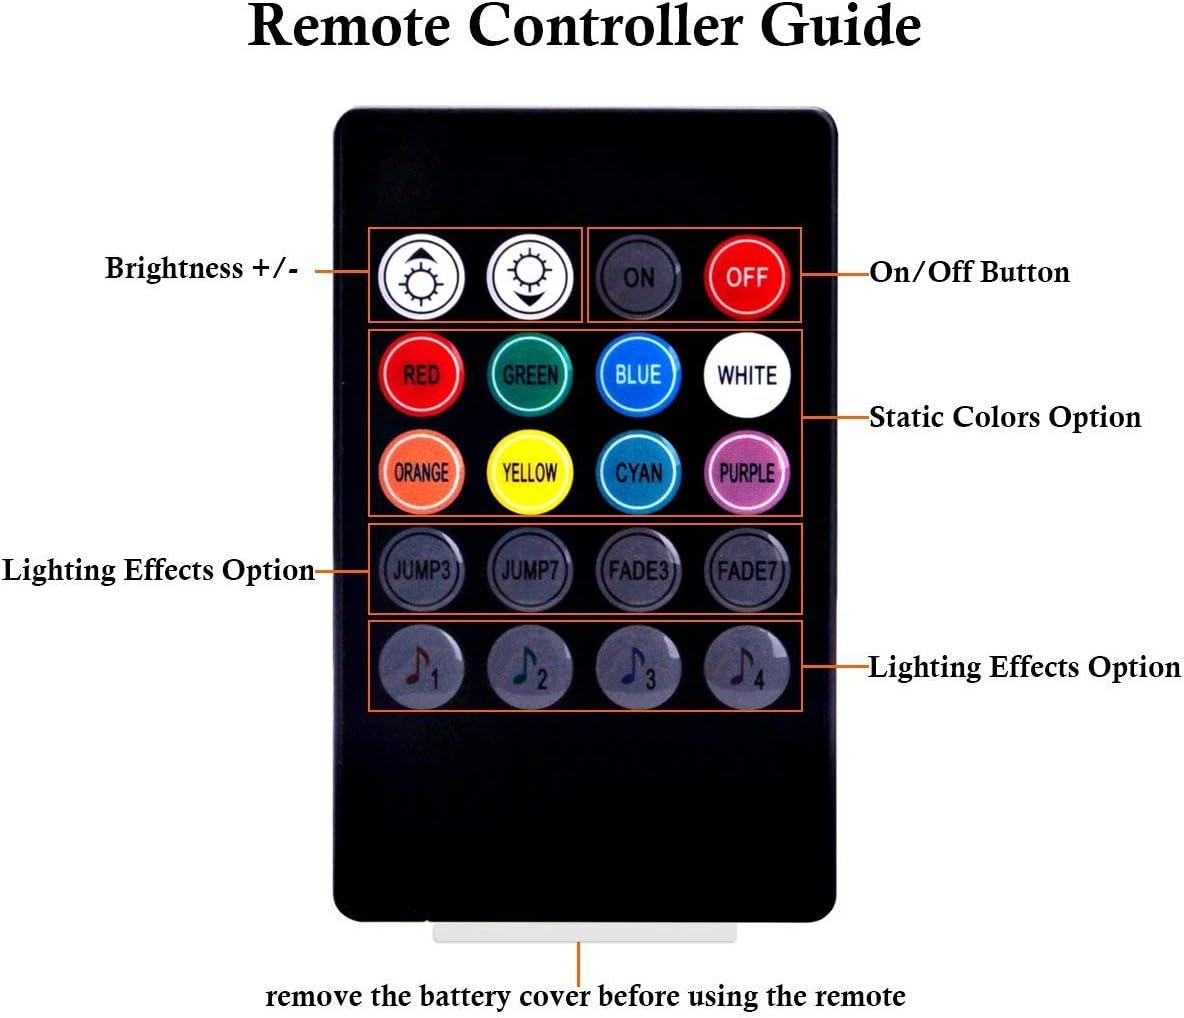 Tira de luz interior de led de coche 48 Luz de atm/ósfera LED Kit de iluminaci/ón de bajo color de m/úsica multicolor con funci/ón activa de sonido y control remoto inal/ámbrico